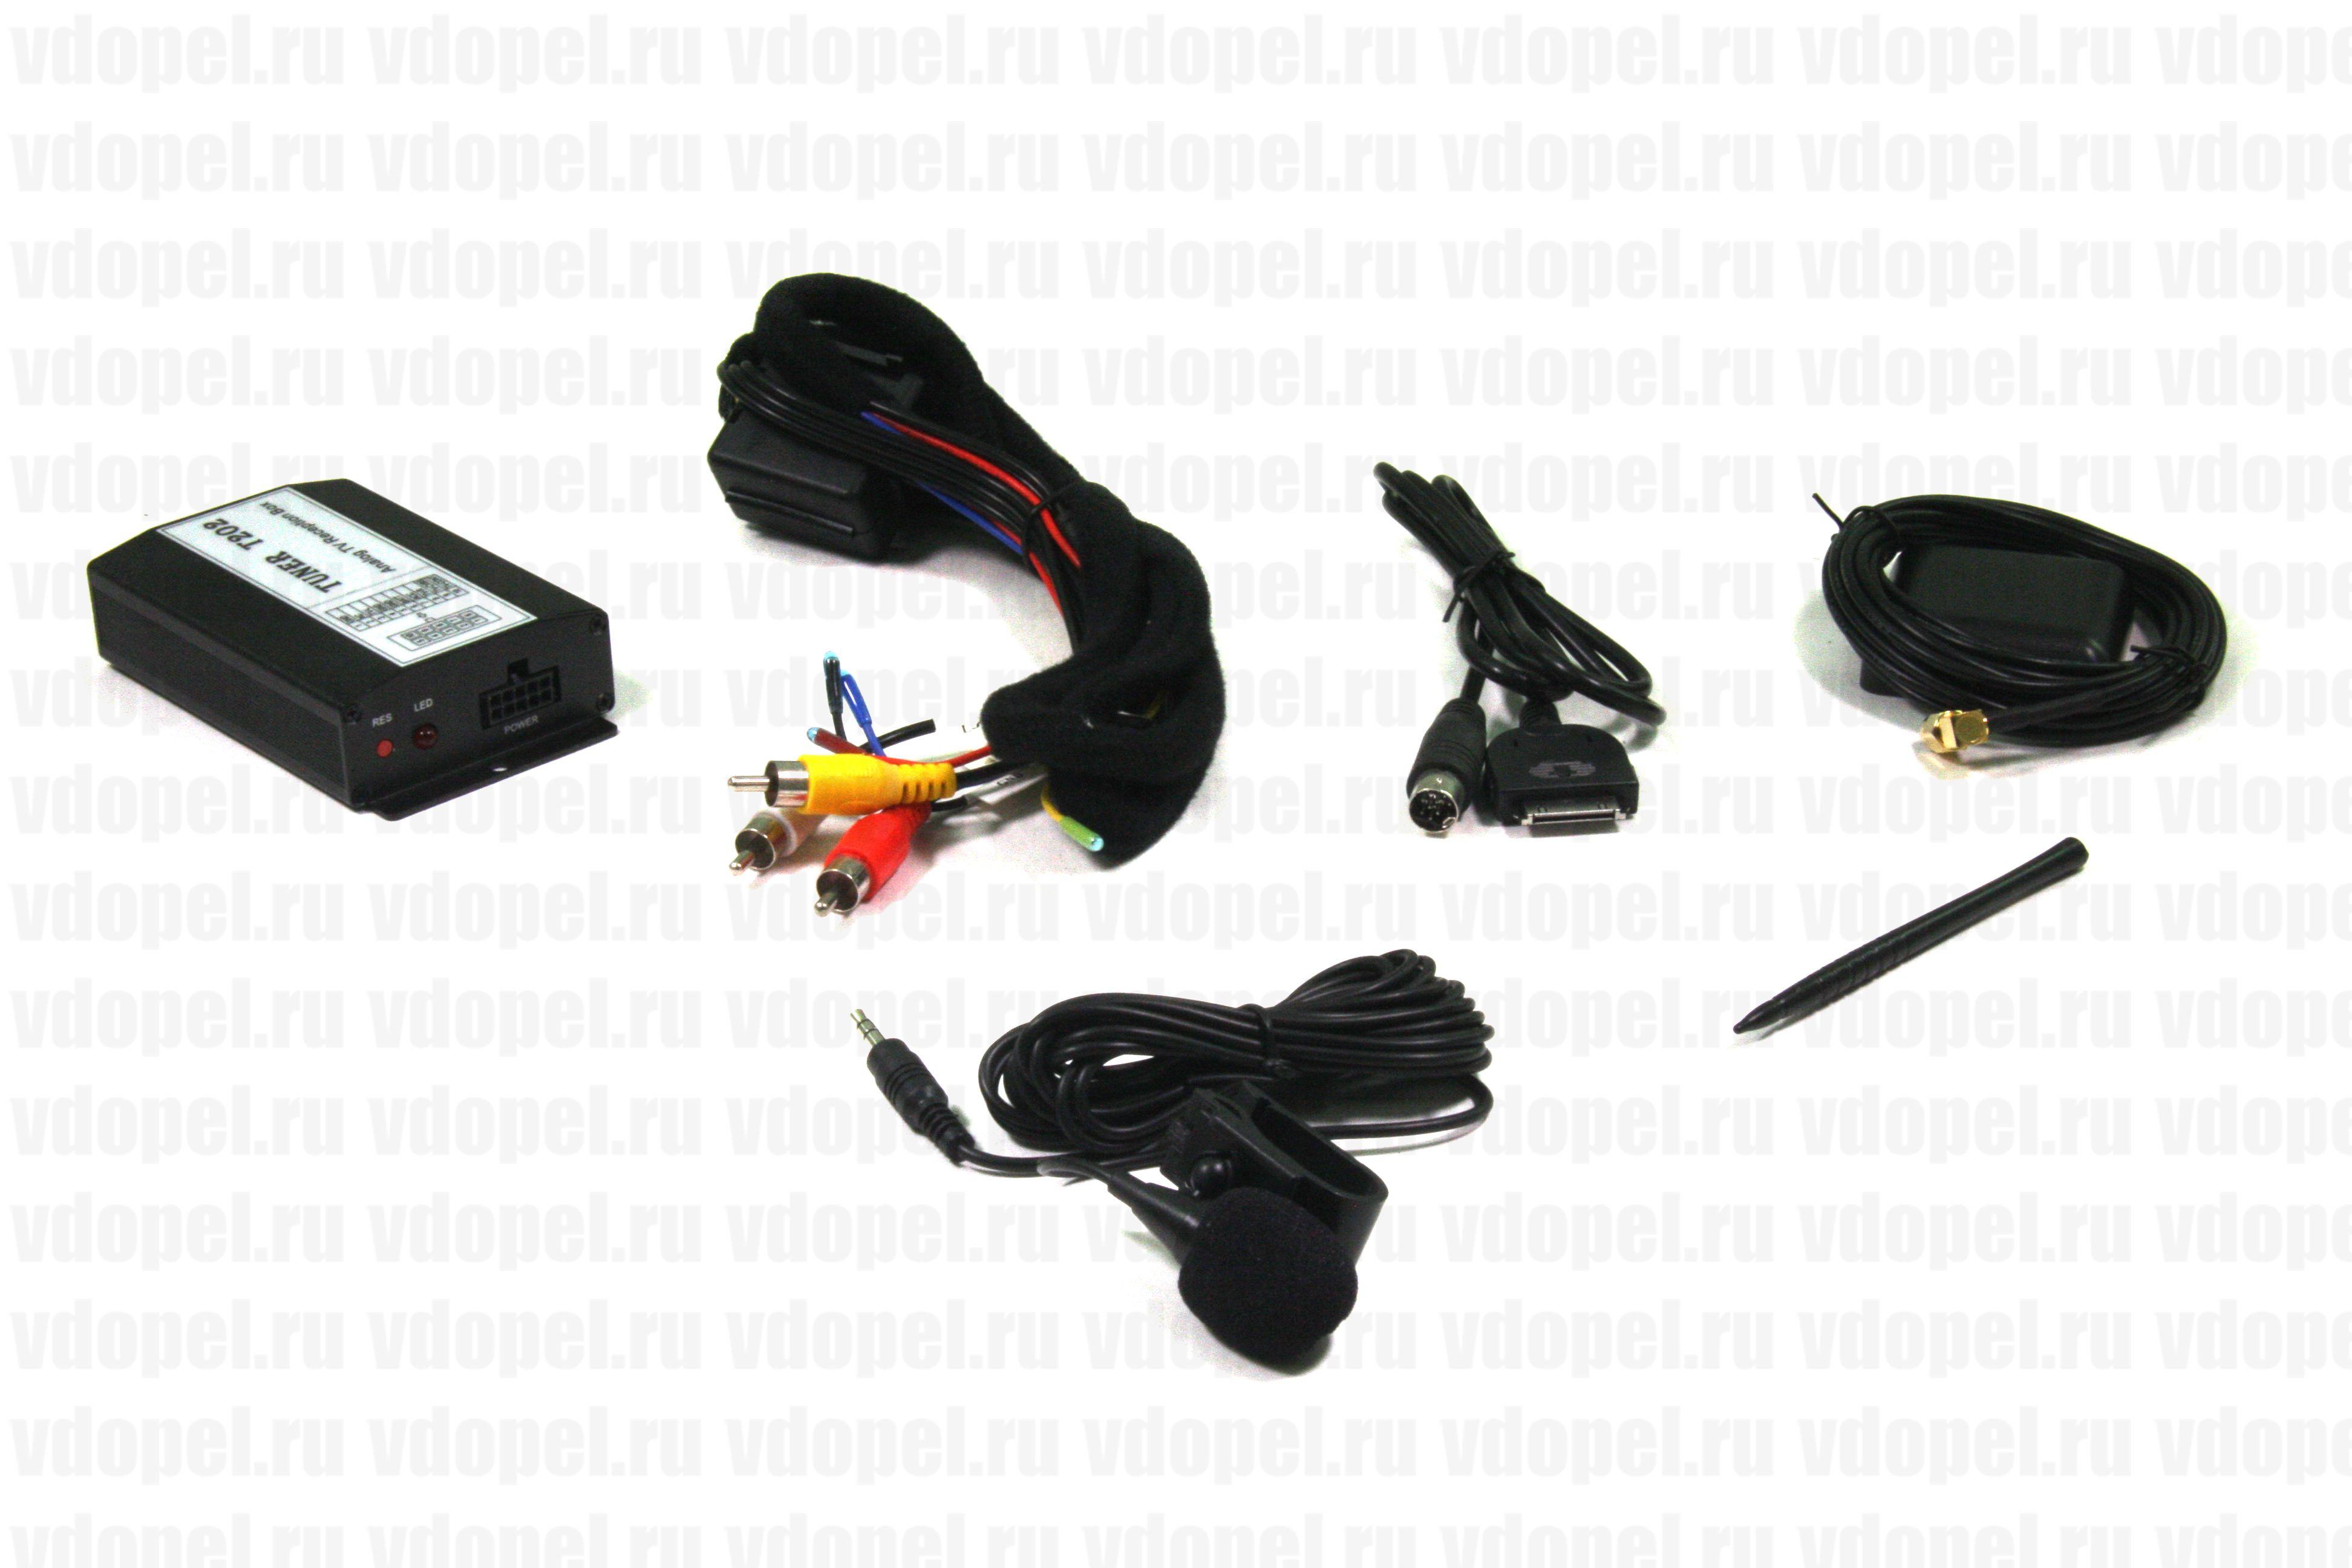 Intro CHR2218CZ  - Автомагнитола Intro CHR-2218 CZ Chevrolet Cruze с навигацией (деталь на складе - доставка 1 день)